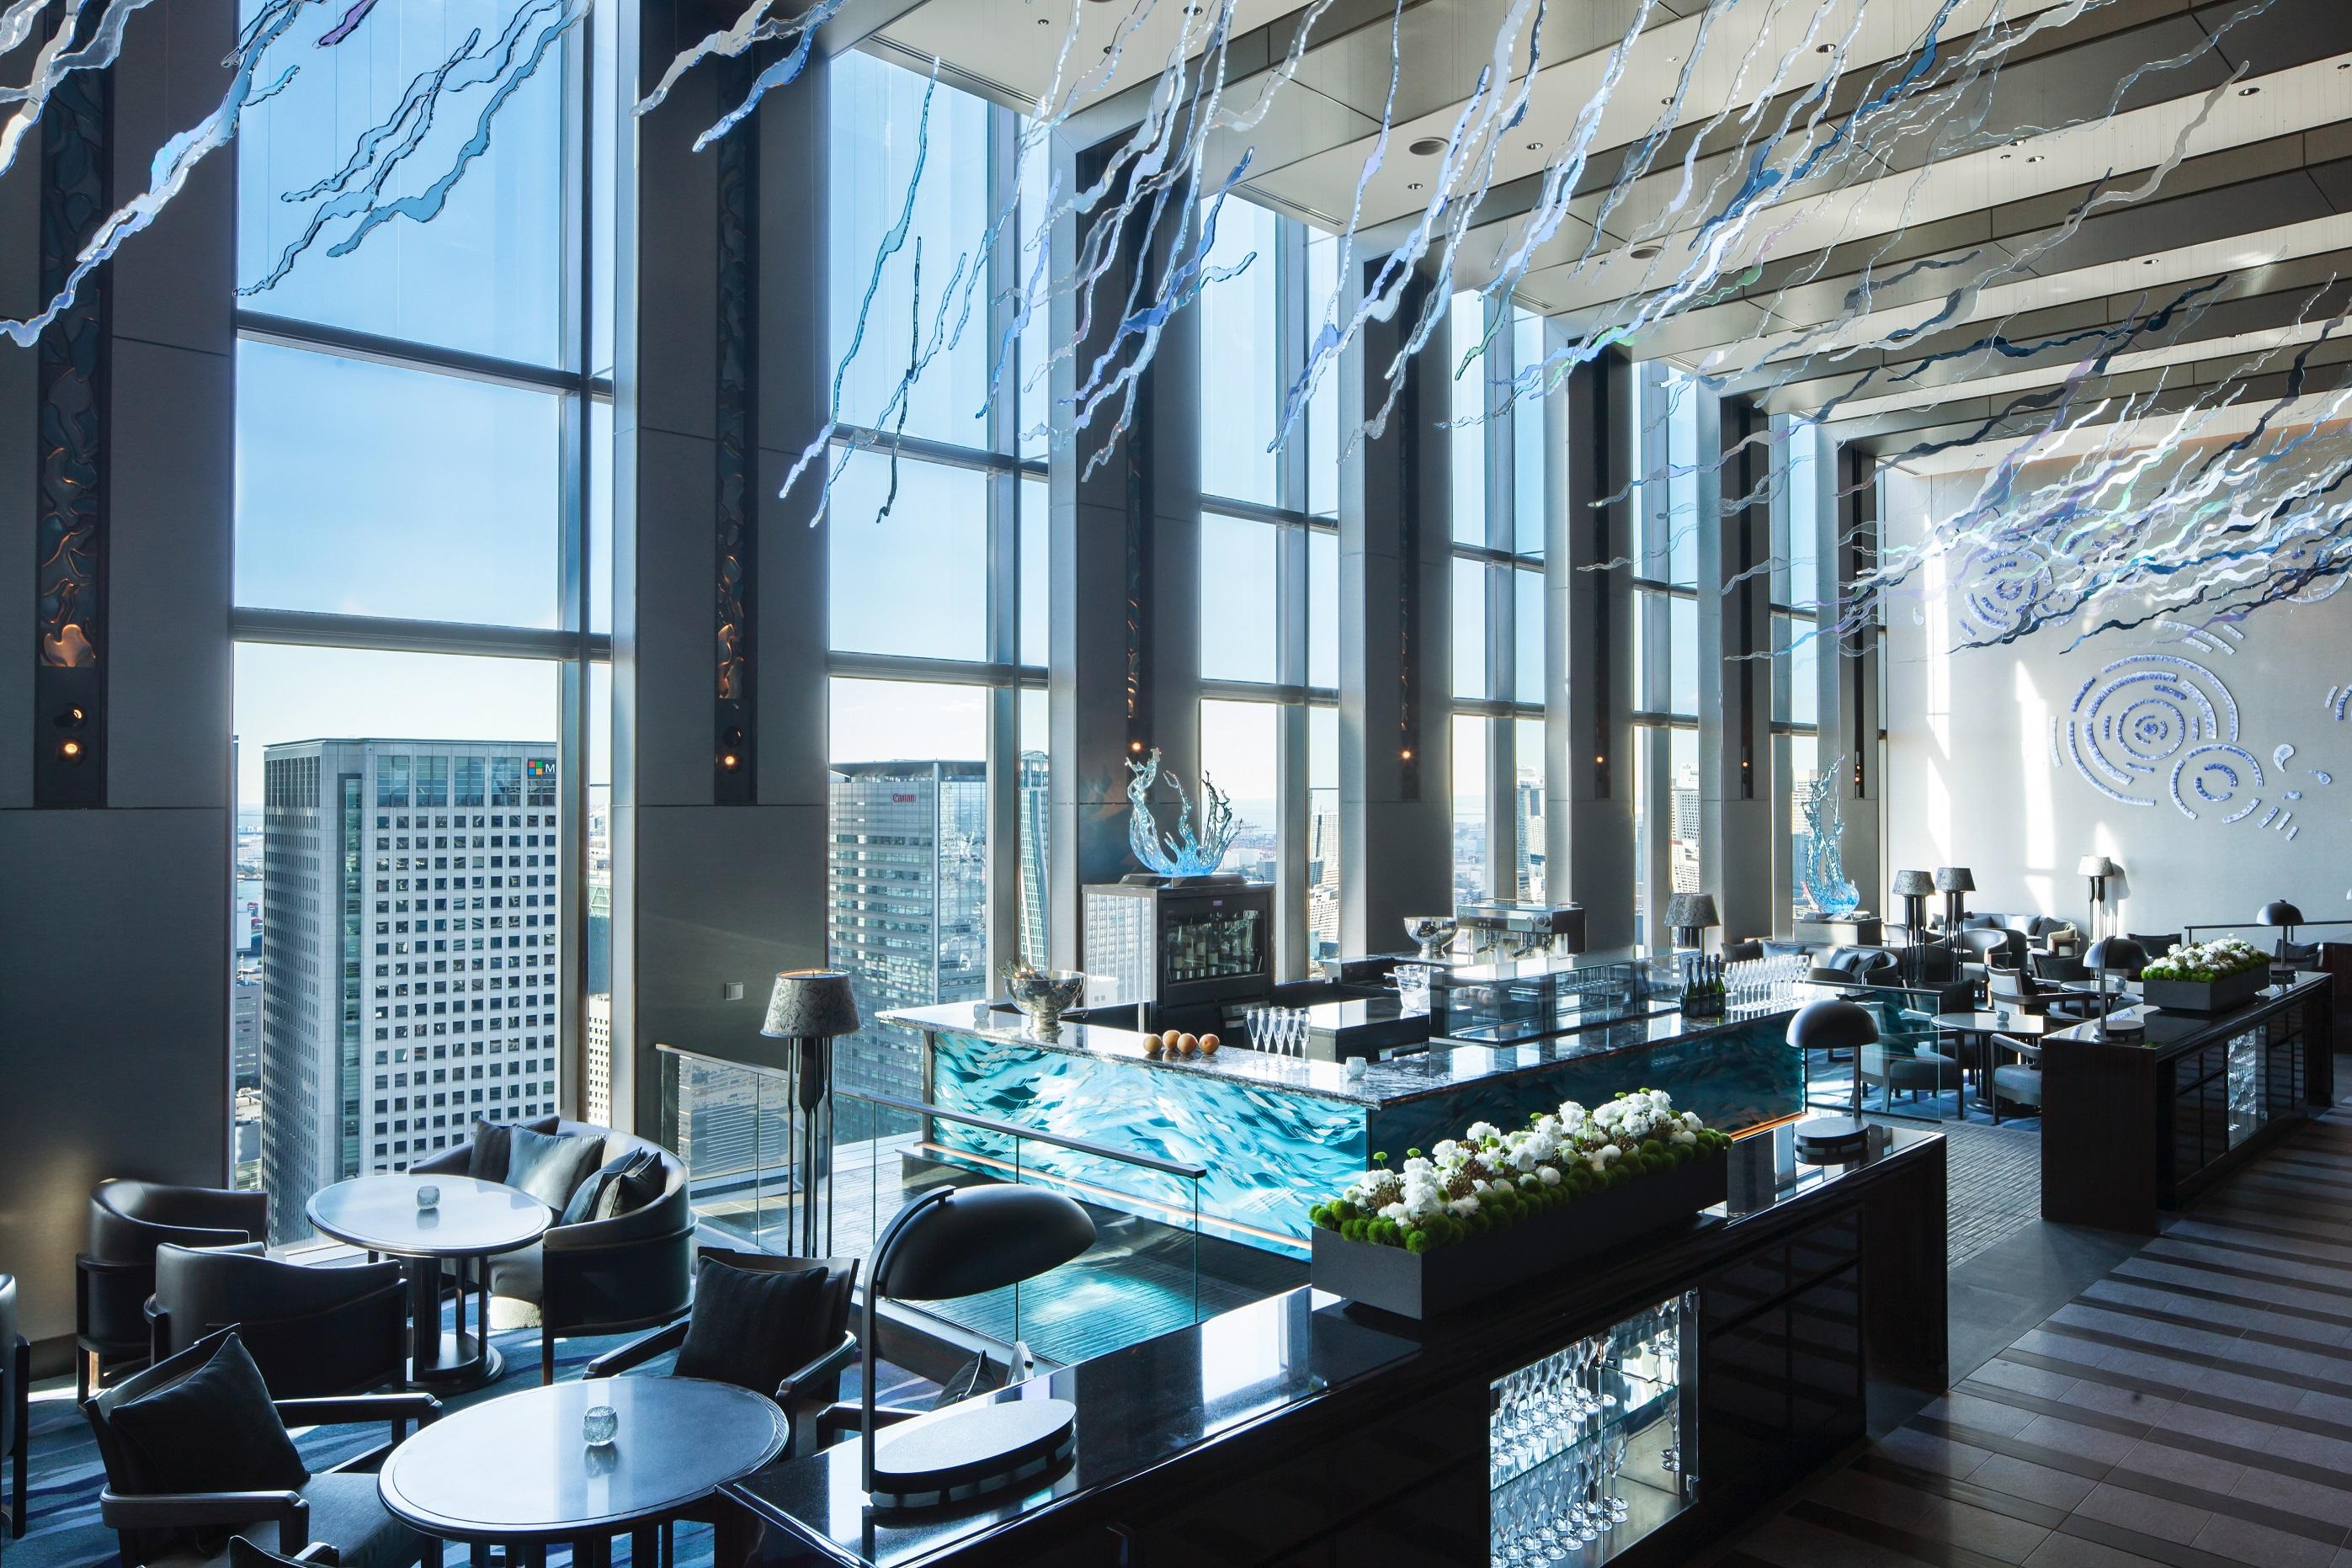 東京を一望できる「TABLE 9 TOKYO」で、大人ないちごブッフェデートはいかが?♡ 【 #いちご 8】_2